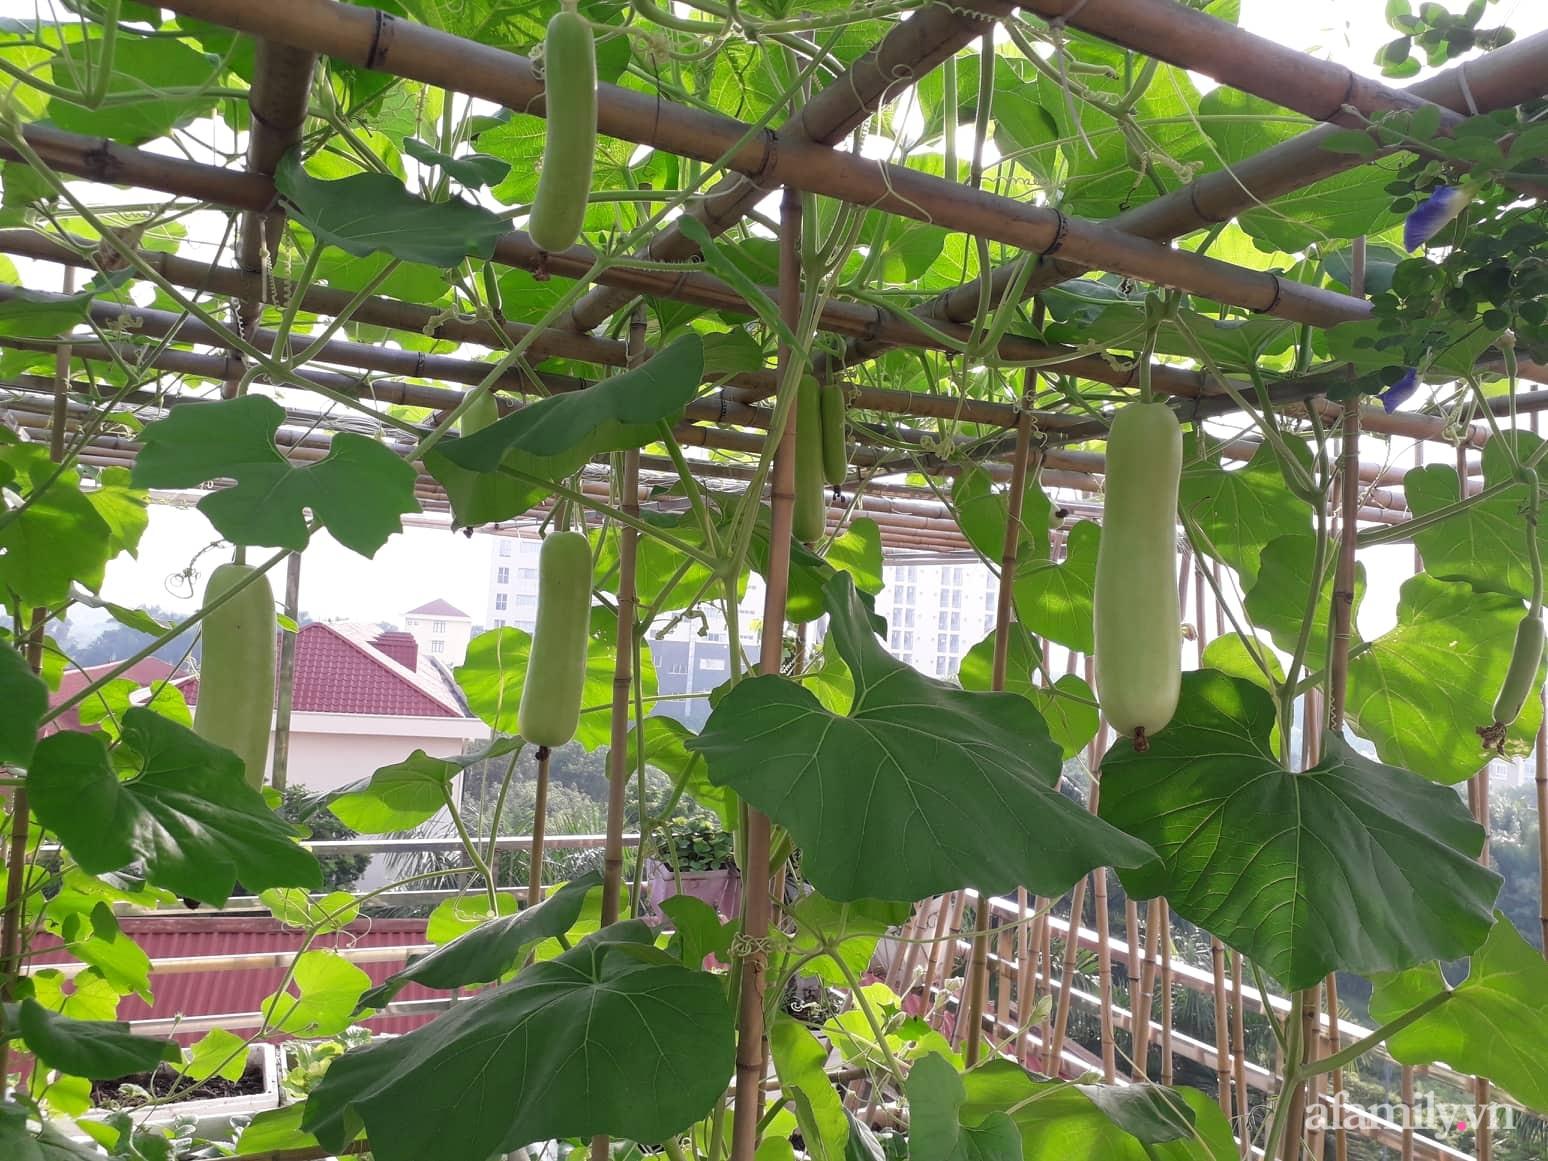 Sân thượng 50m² không khác gì trang trại với đủ loại rau quả sạch theo mùa của mẹ đảm ở Hà Nội - ảnh 2